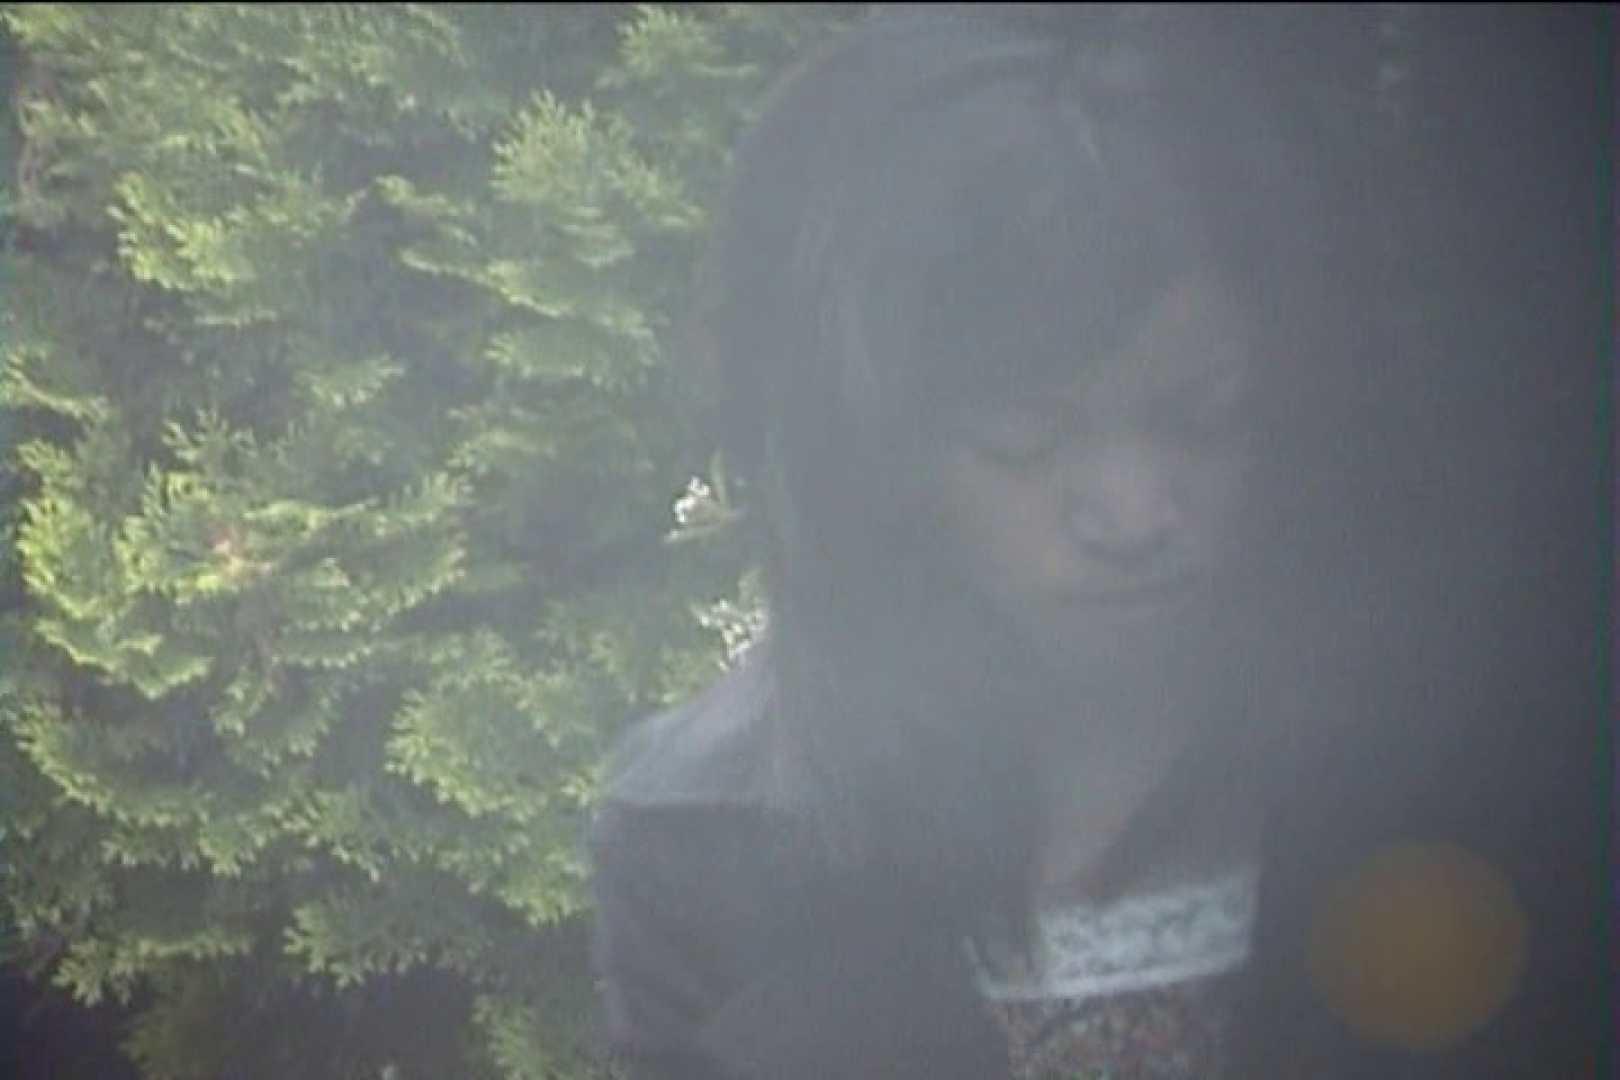 あなたの唇 奪い隊!! vol.1 超エロギャル 隠し撮りオマンコ動画紹介 70枚 5